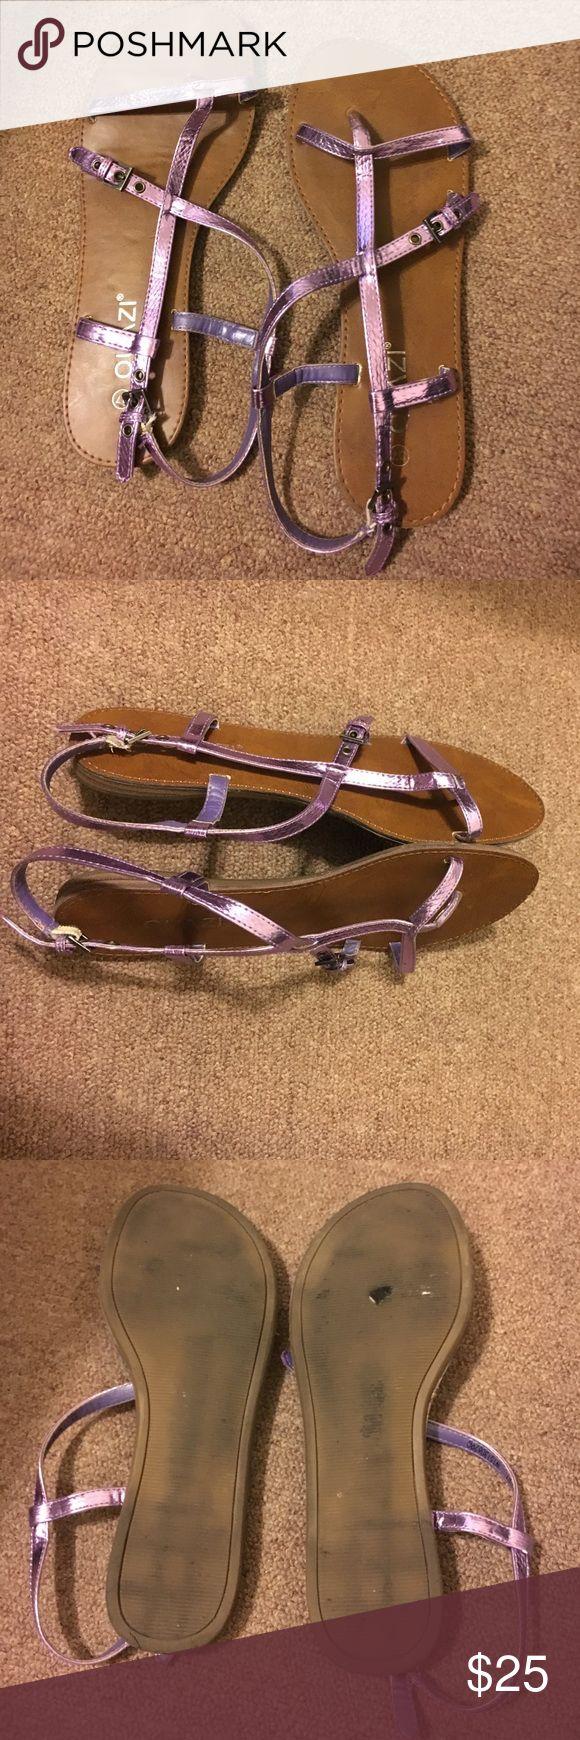 Authentic European Metallic Sandals! 7M Super comfy purple Metallic sandals! Quazi Shoes Sandals